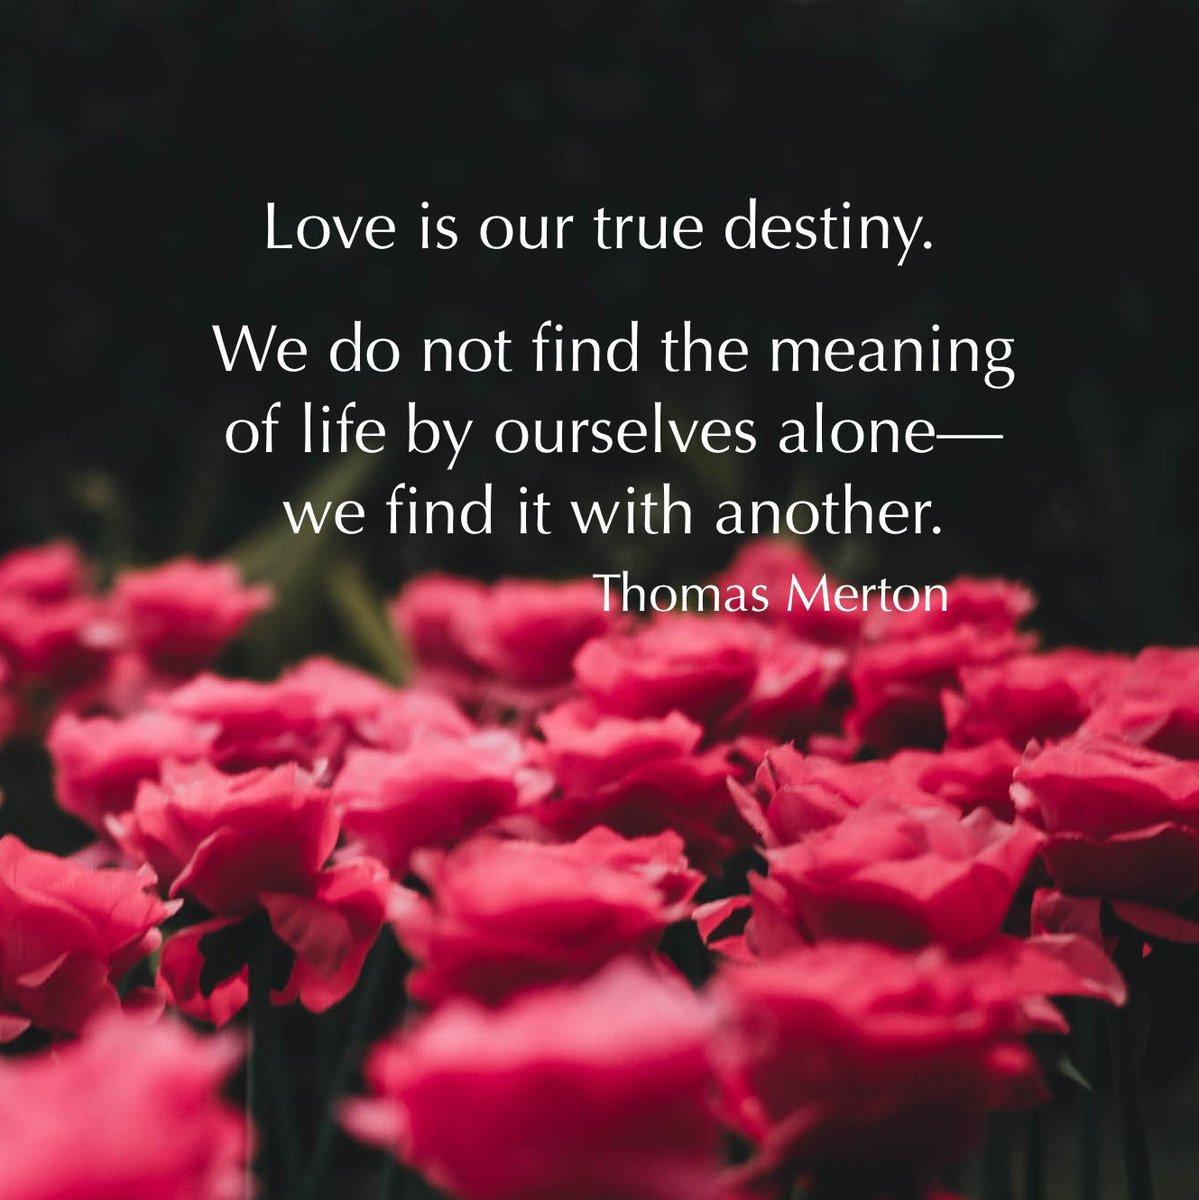 Bạn đang tìm kiếm Tình Yêu? Đây là 7 gợi ý từ Thomas Merton